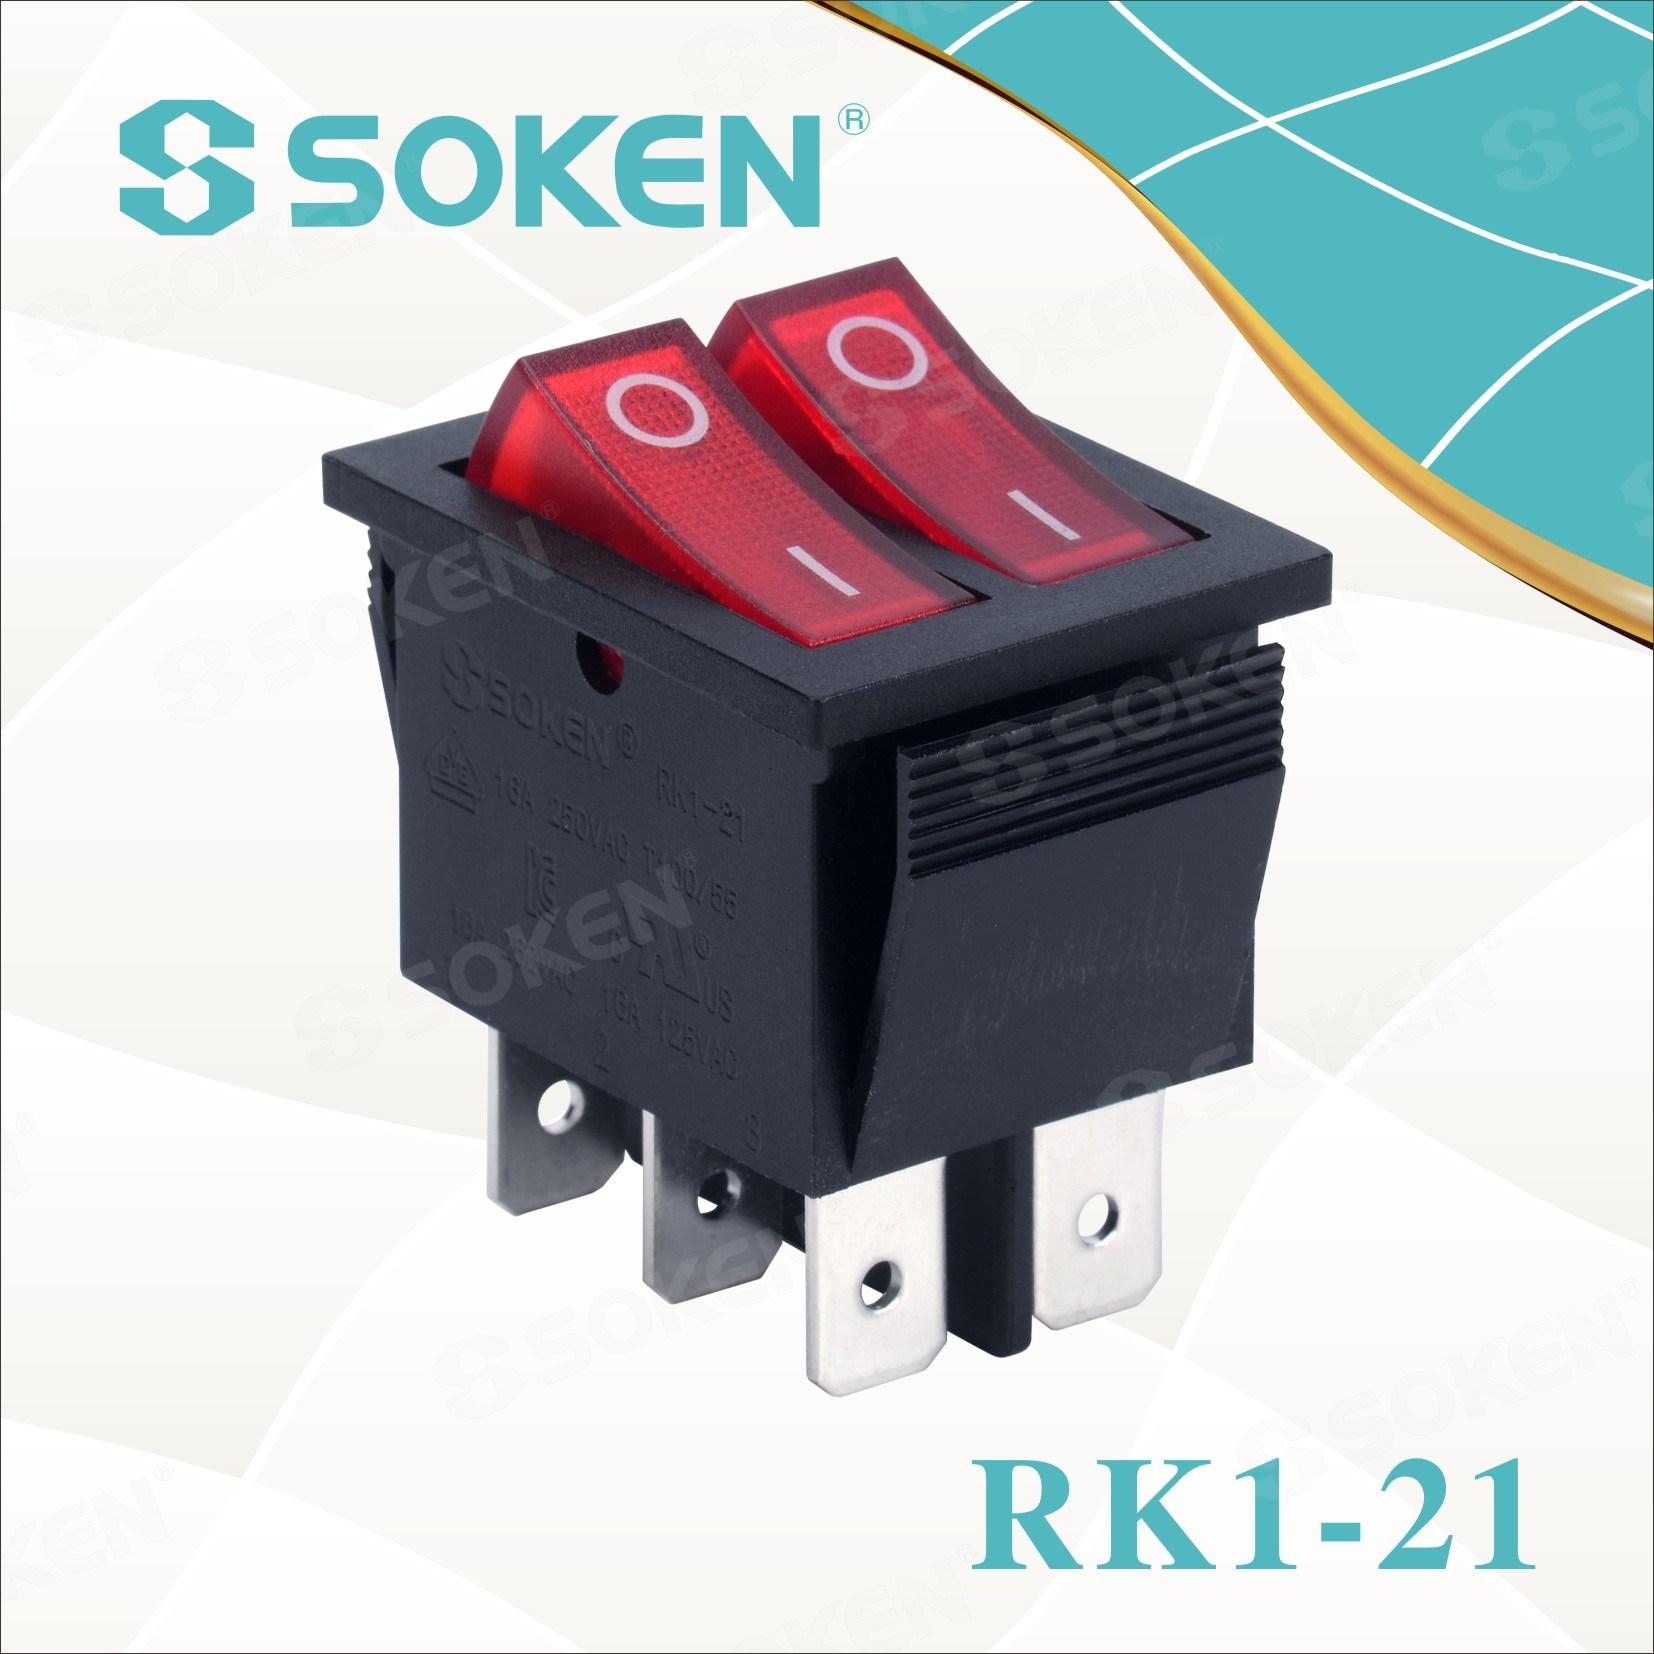 ලකුණු ආලෝකමත් ද්විත්ව Rocker මාරු මත Soken Rk1-21